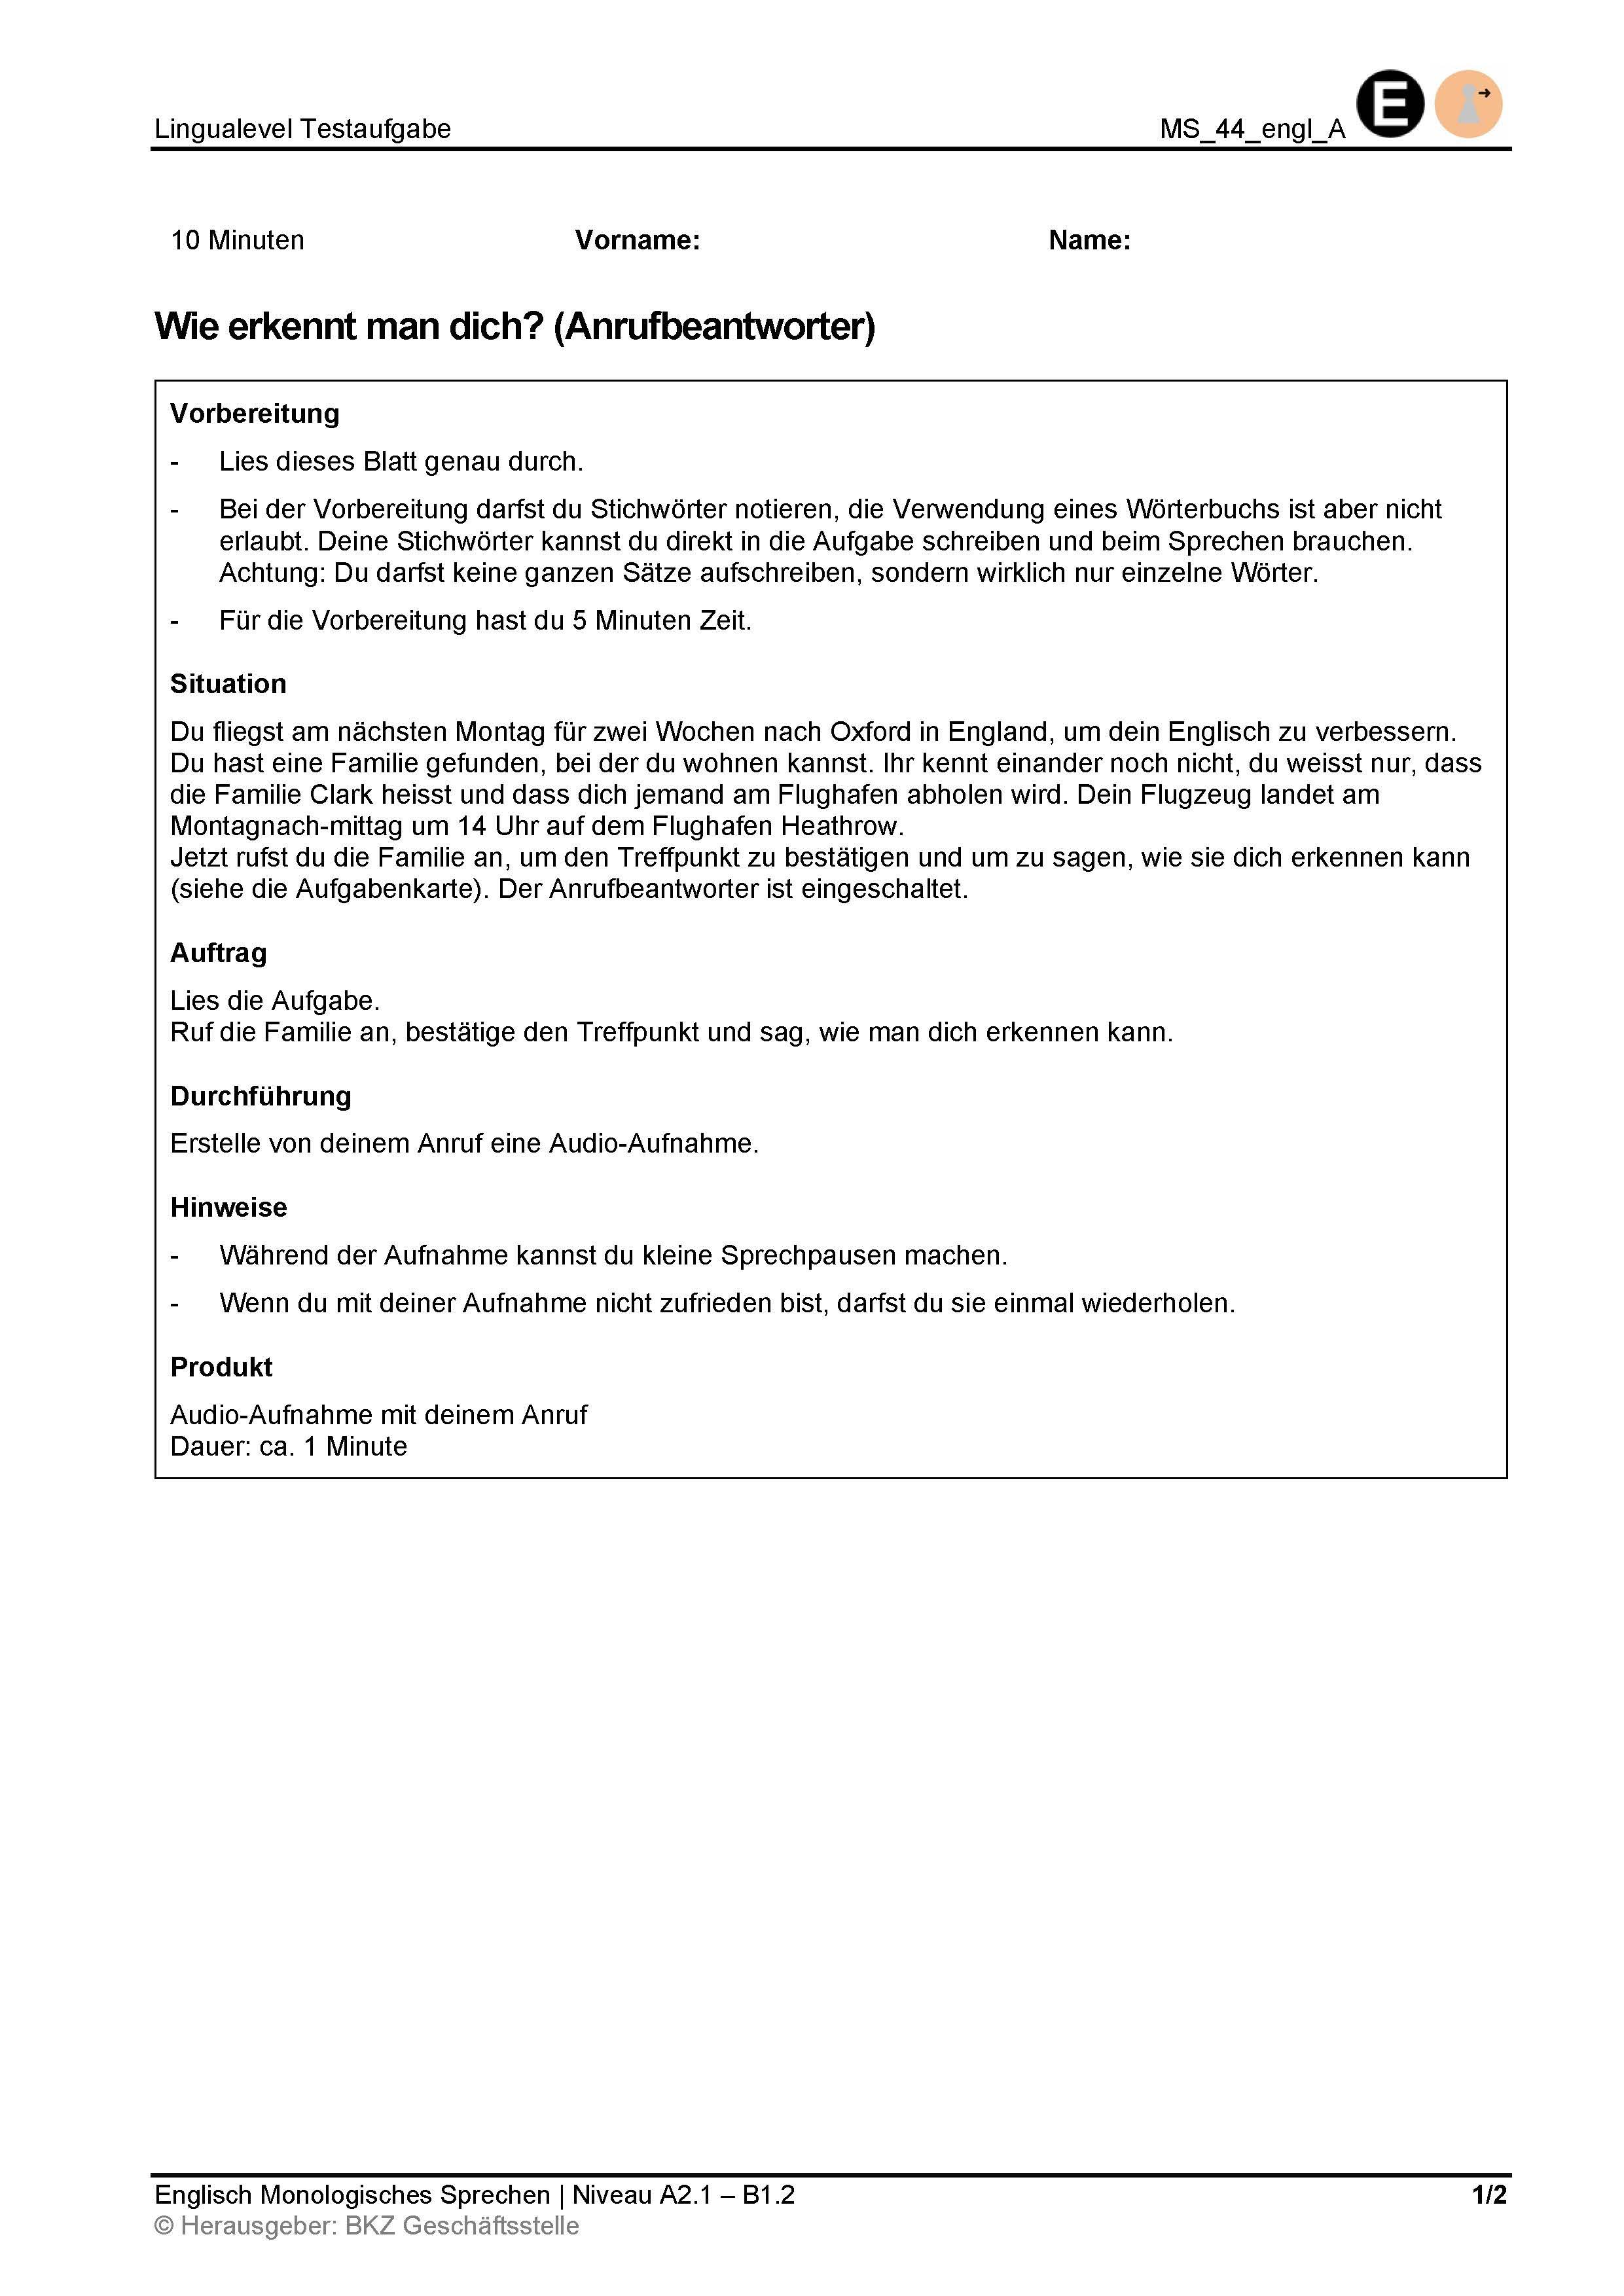 Preview image for LOM object Monologisches Sprechen: Wie erkennt man dich? (Anrufbeantworter)